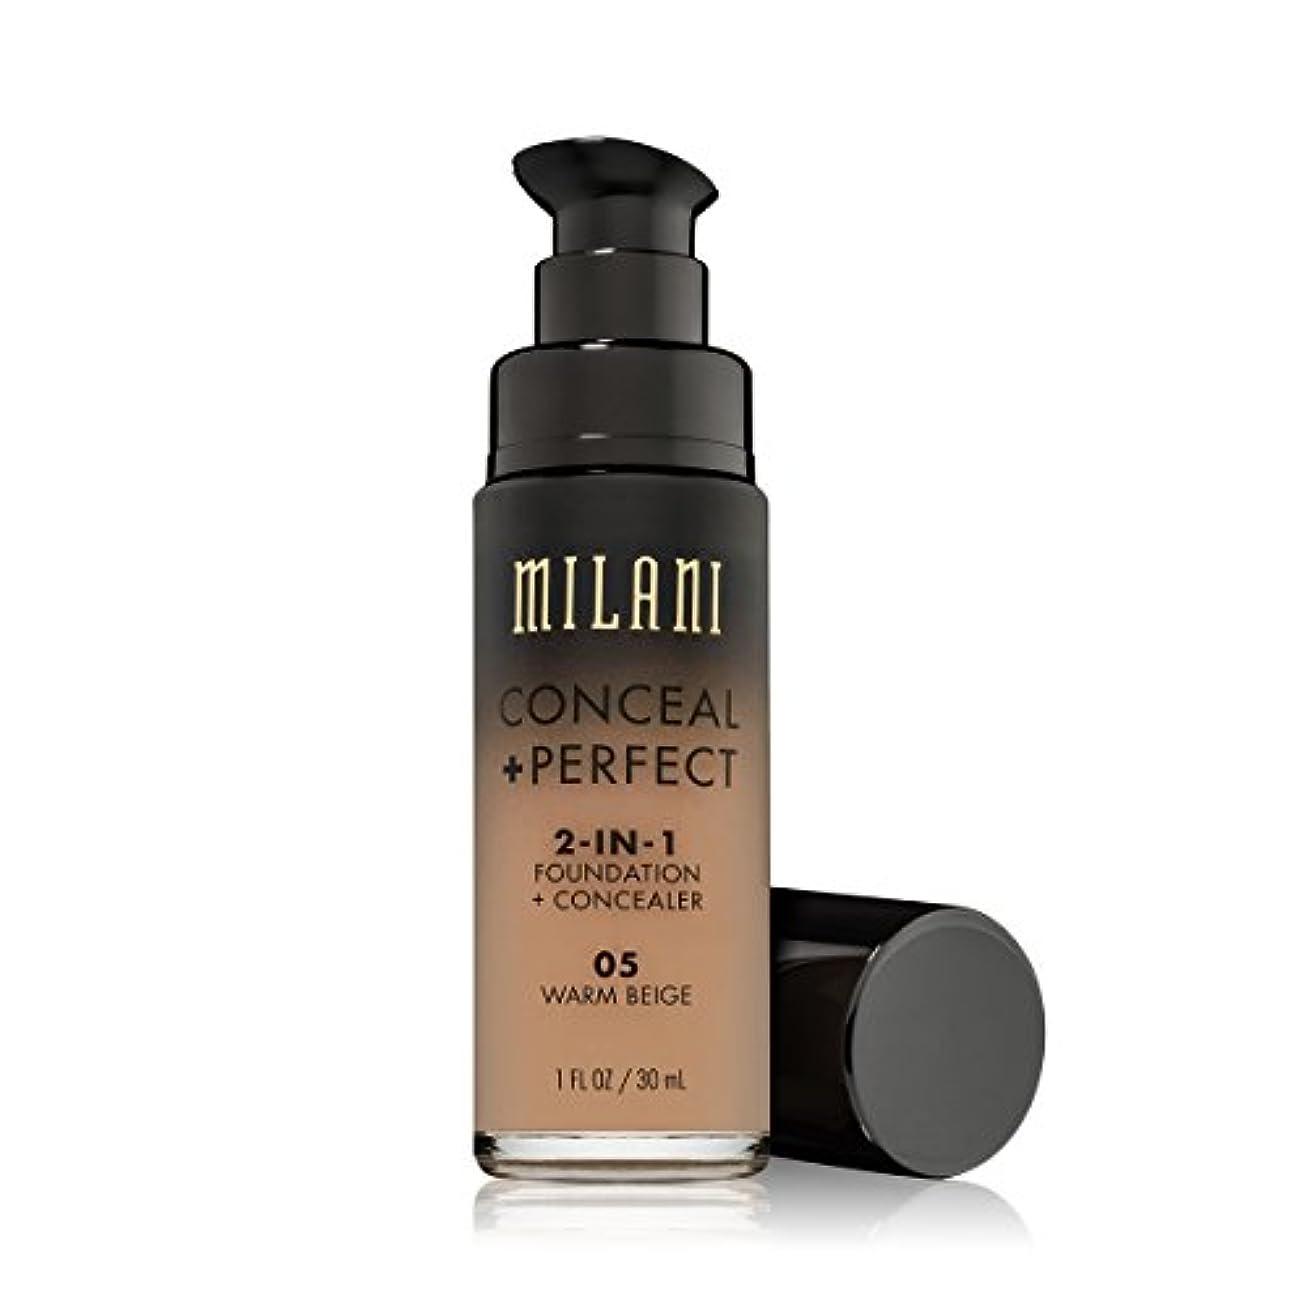 カップルファントム吸うMILANI Conceal + Perfect 2-In-1 Foundation + Concealer - Warm Beige (並行輸入品)